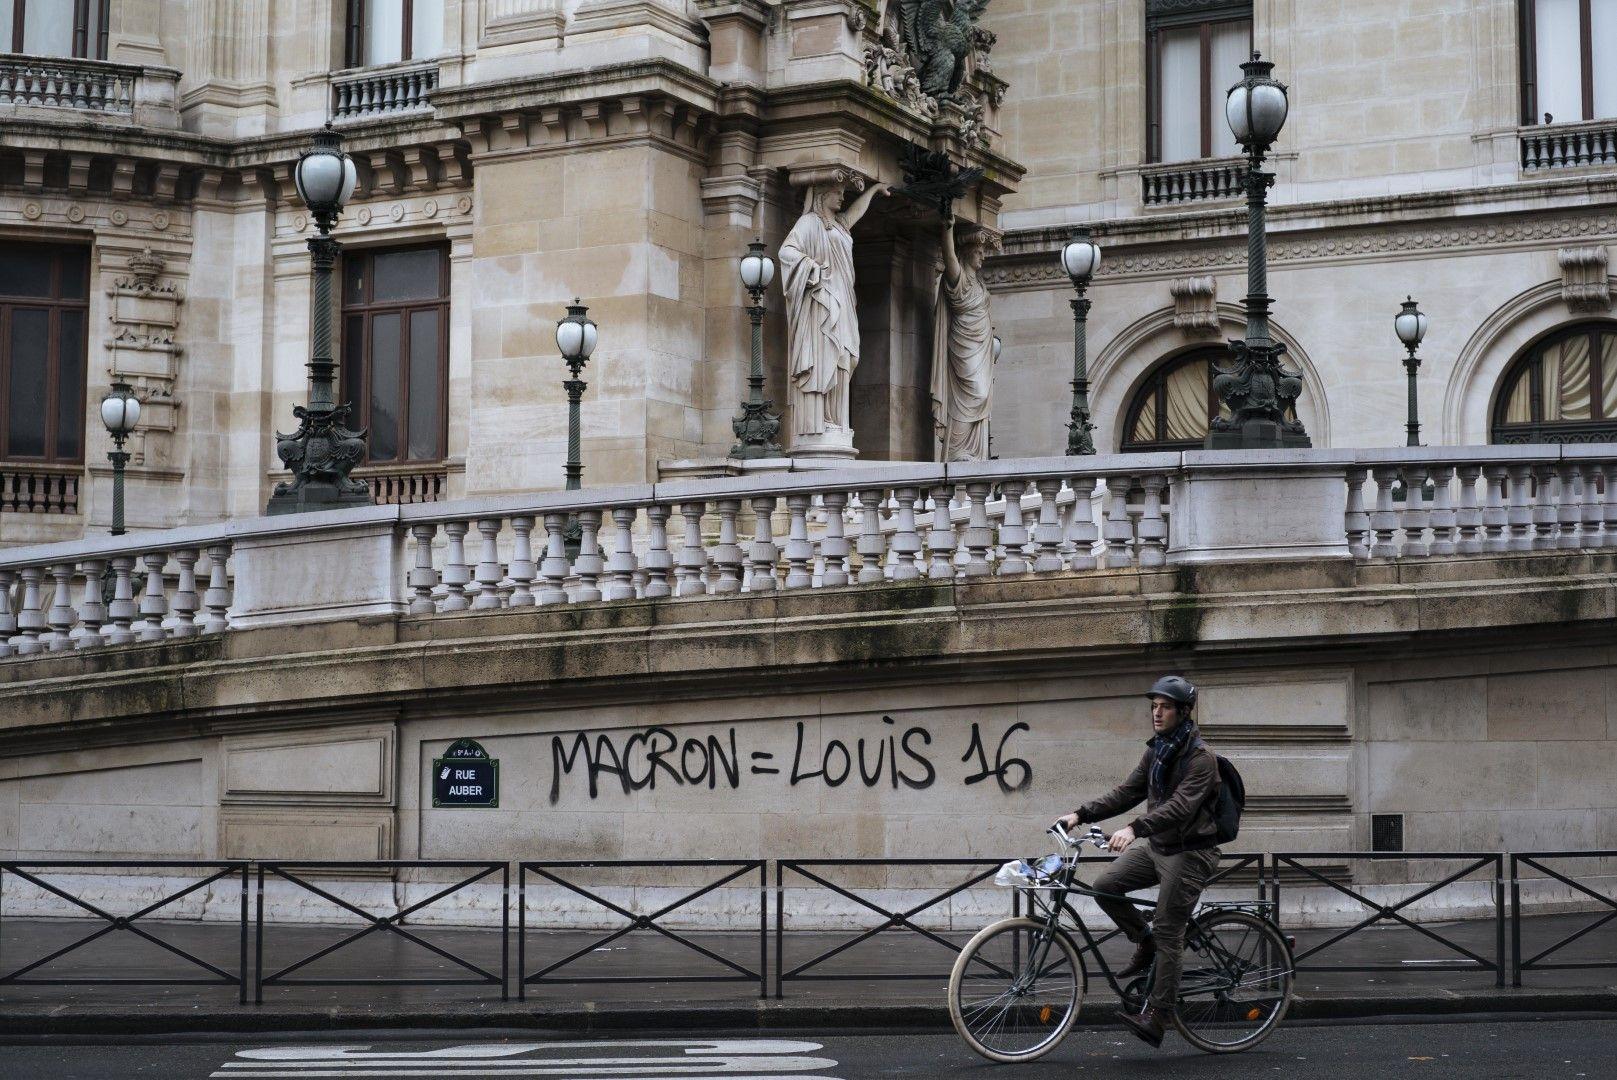 Французите наложиха сравненията между сегашния президент и крал Луи XVI